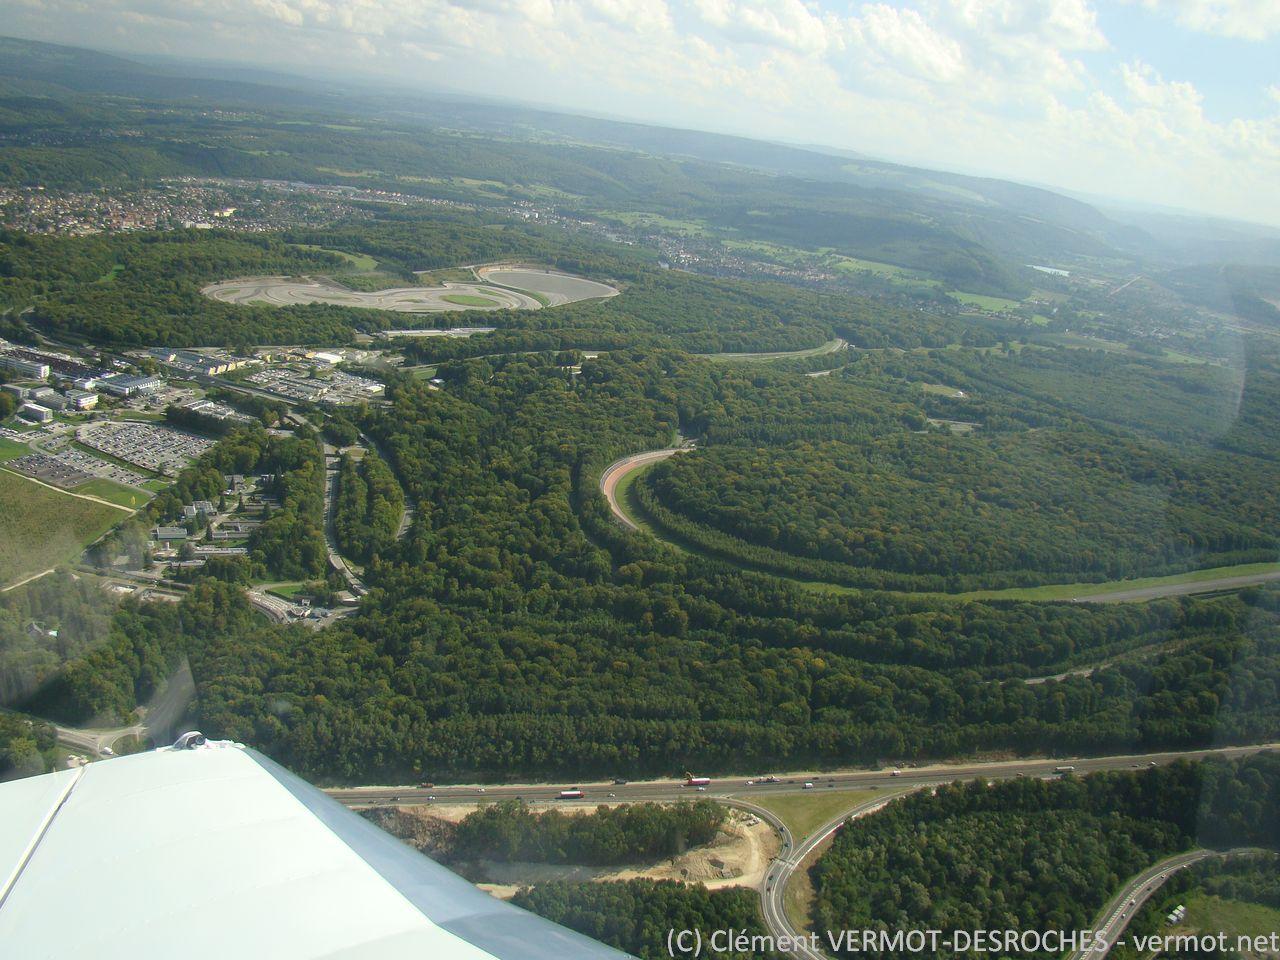 Les circuits d'essai de Peugeot à Sochaux